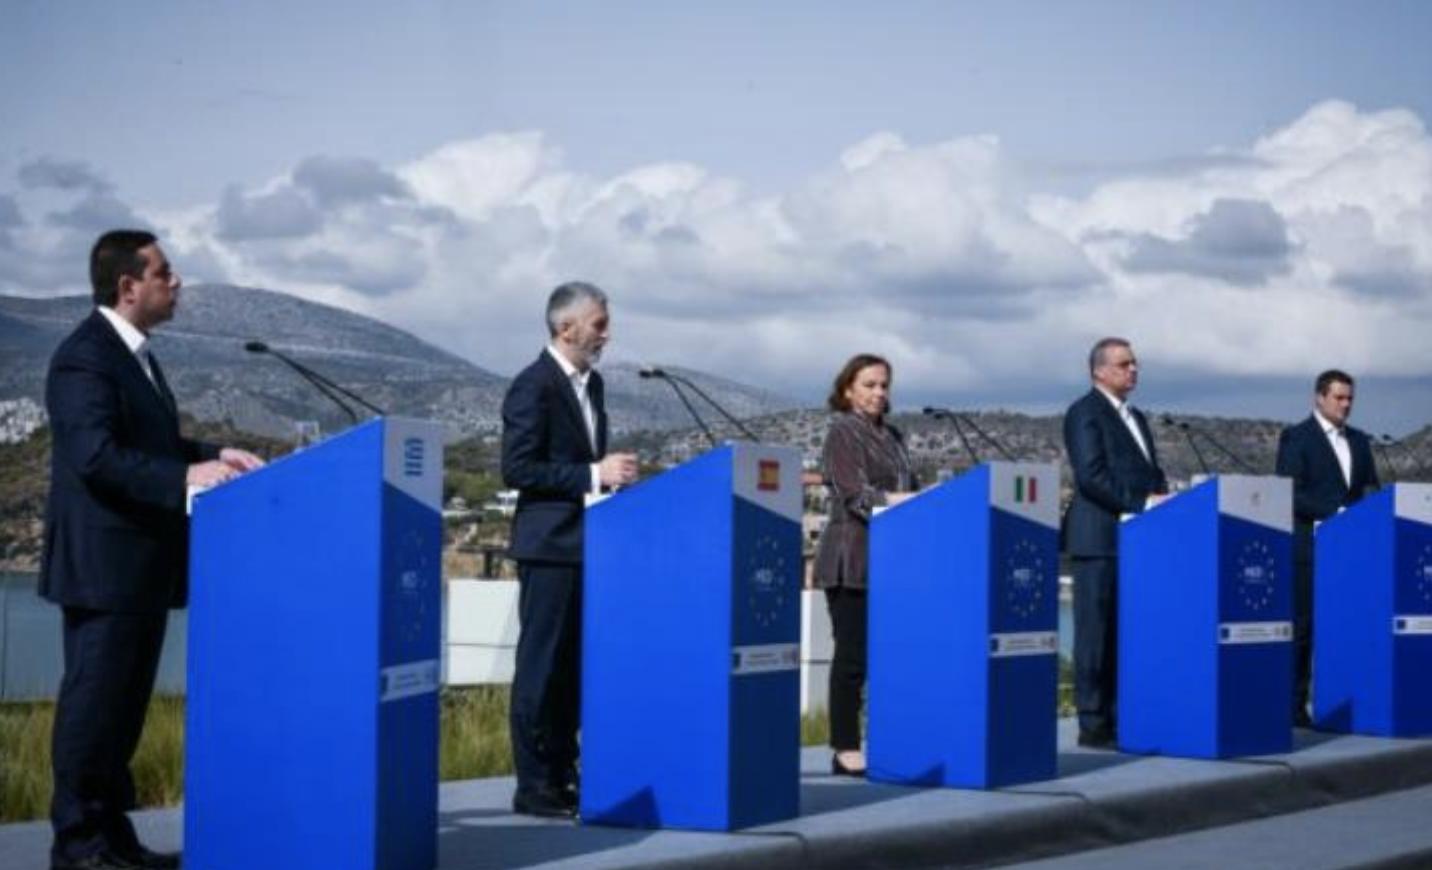 Κύπρος: Η «Πράσινη Γραμμή» στην κοινή επιστολή των Υπουργών Εσωτερικών 5 Μεσογειακών χωρών για το μεταναστευτικό